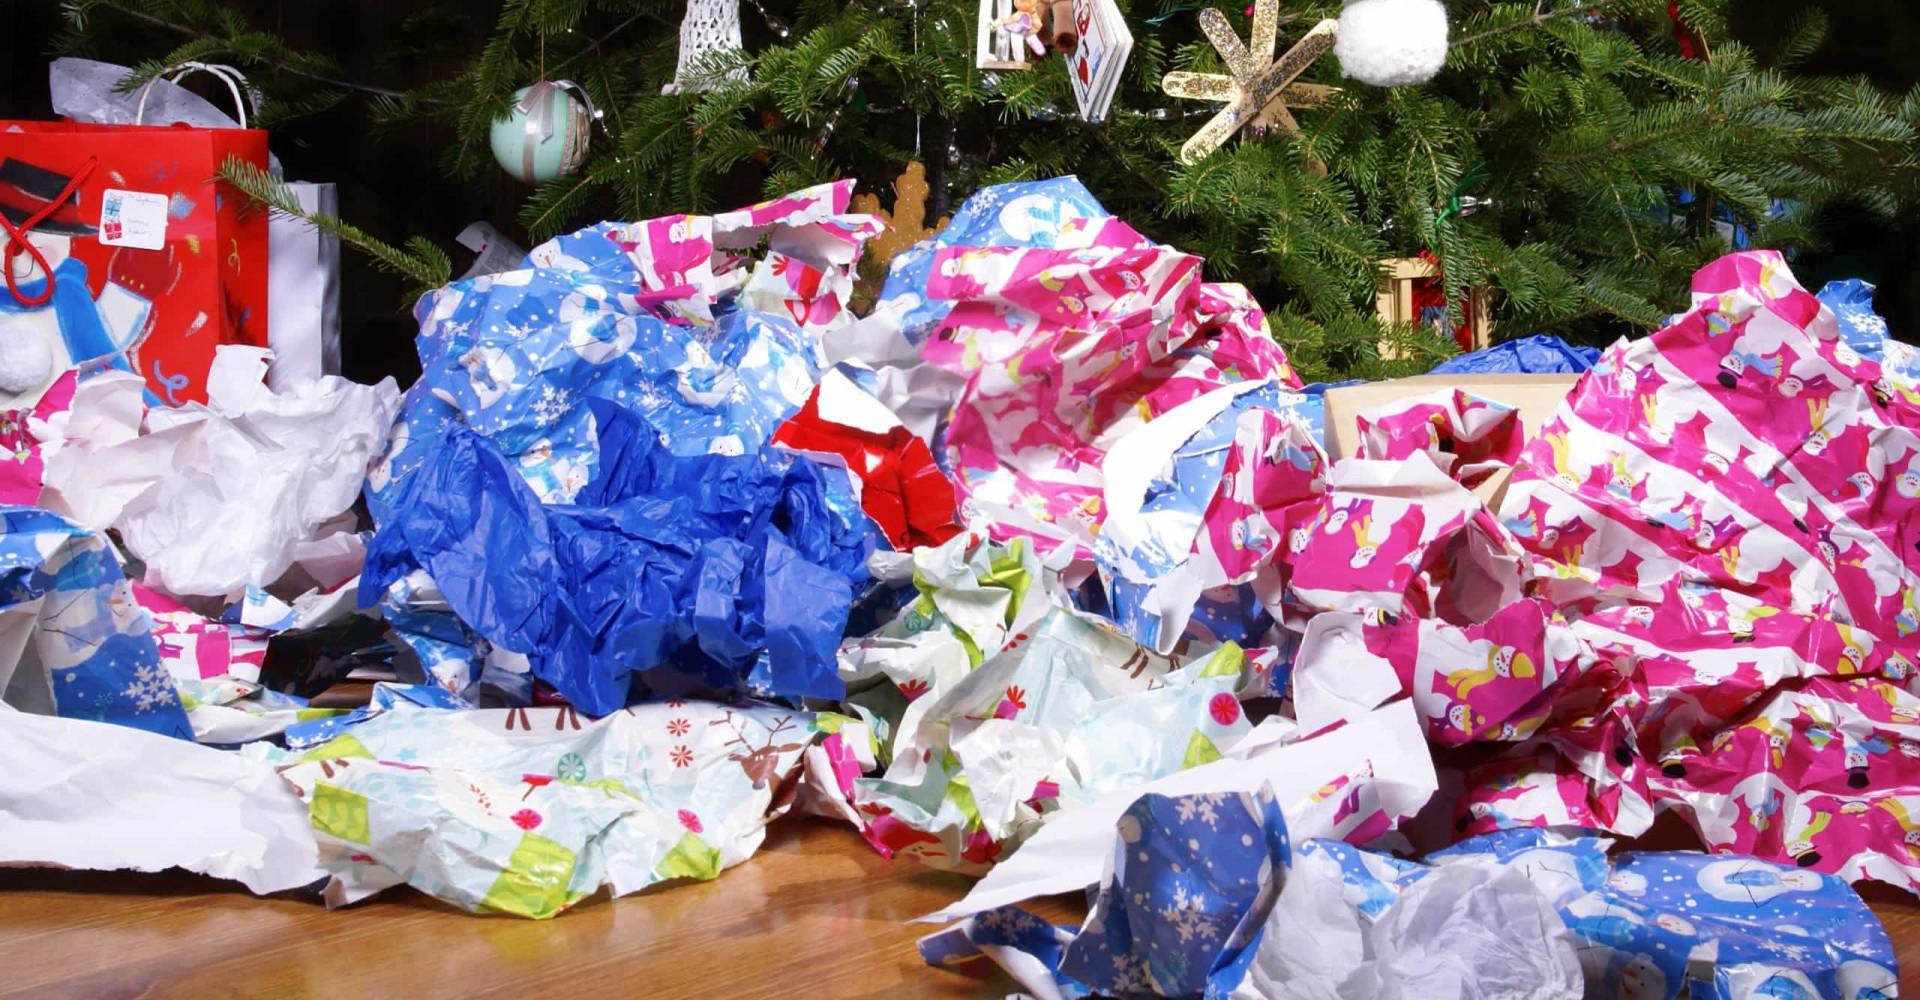 Hoe recyclebaar is cadeaupapier?